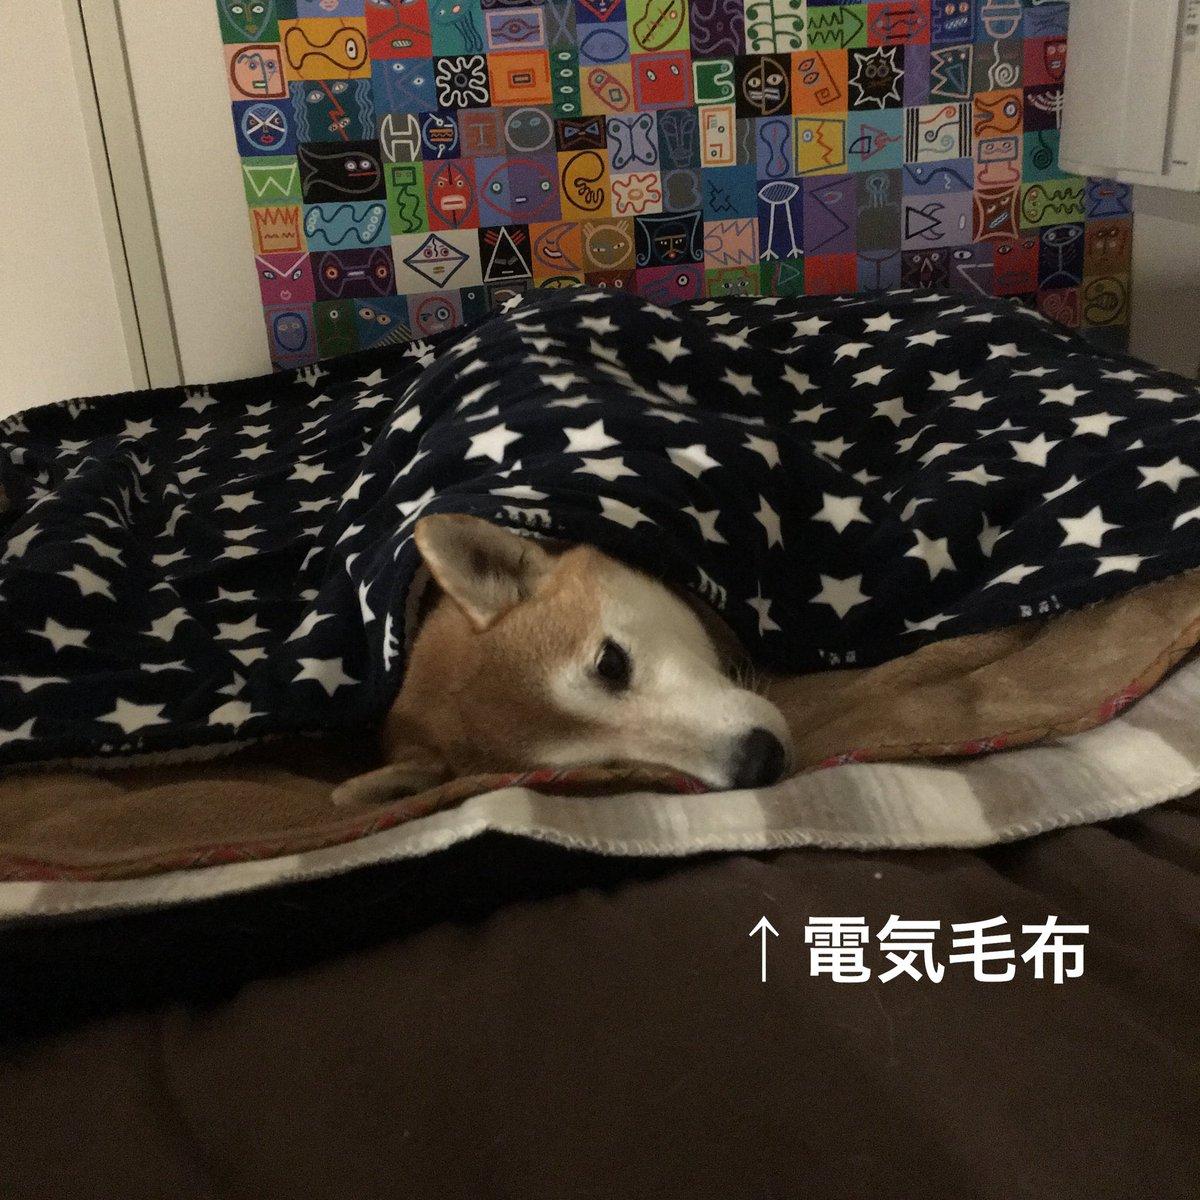 きみ前評判と違わない?柴犬は日本の気候に慣れており寒さに強く飼いやすい犬種?